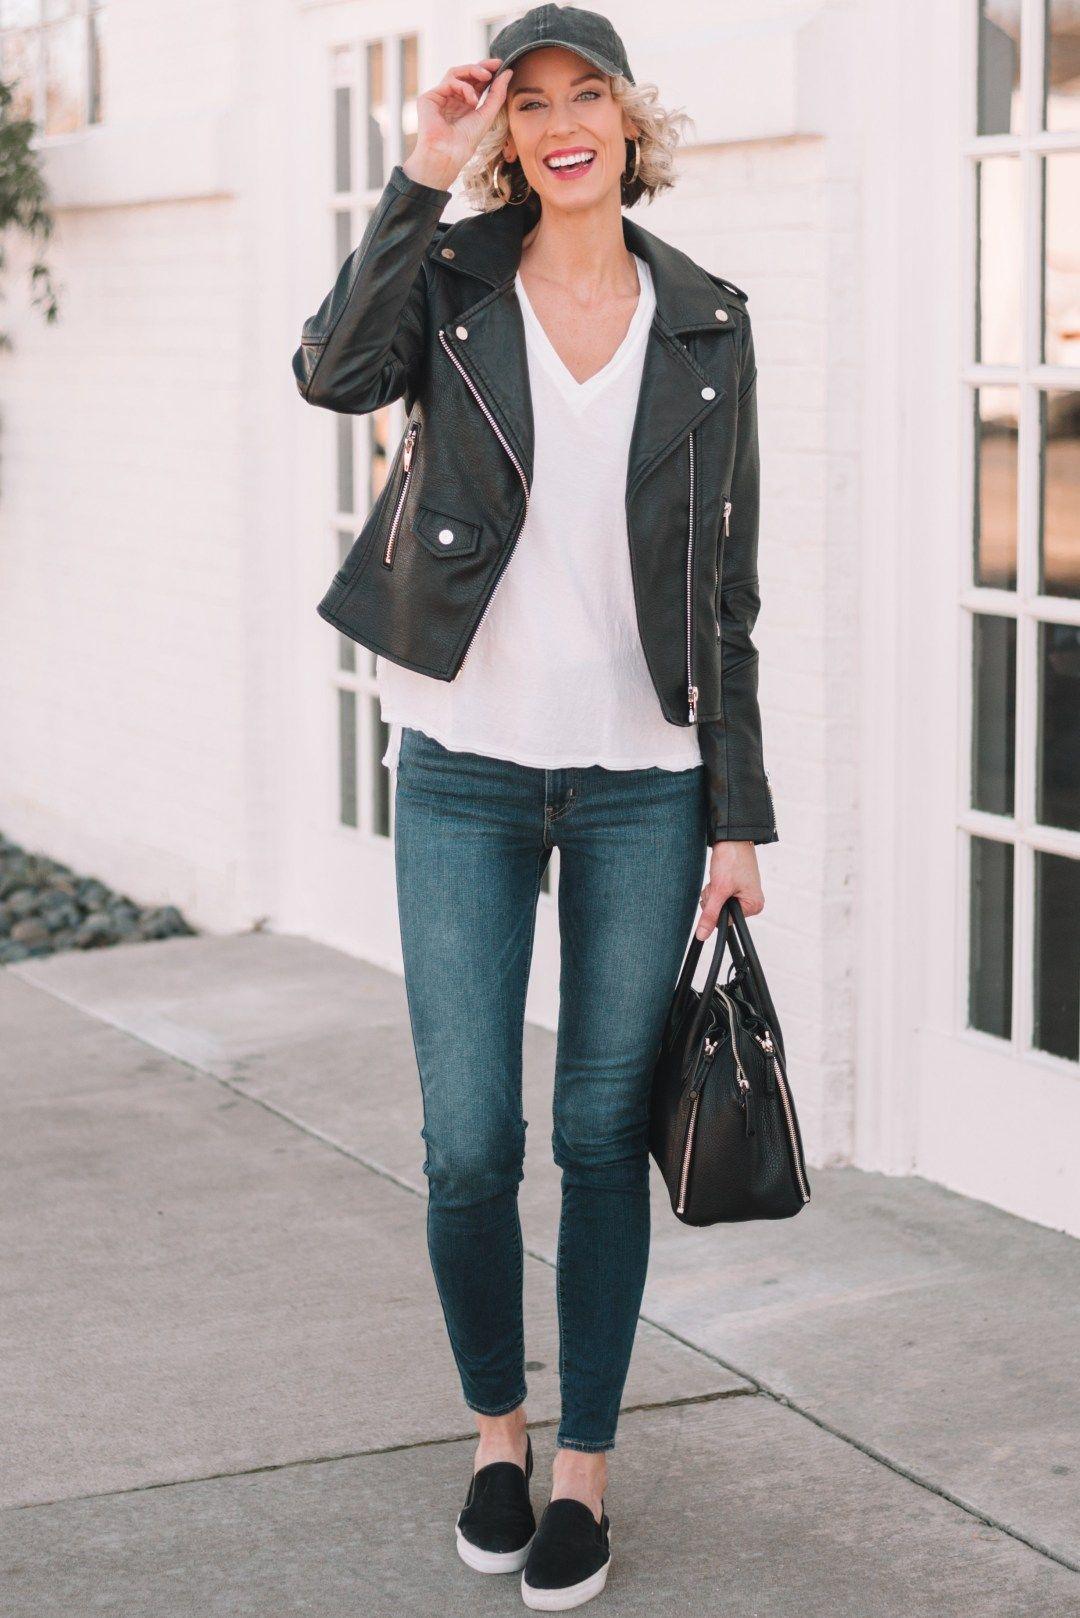 wardrobe essentials for women over 50